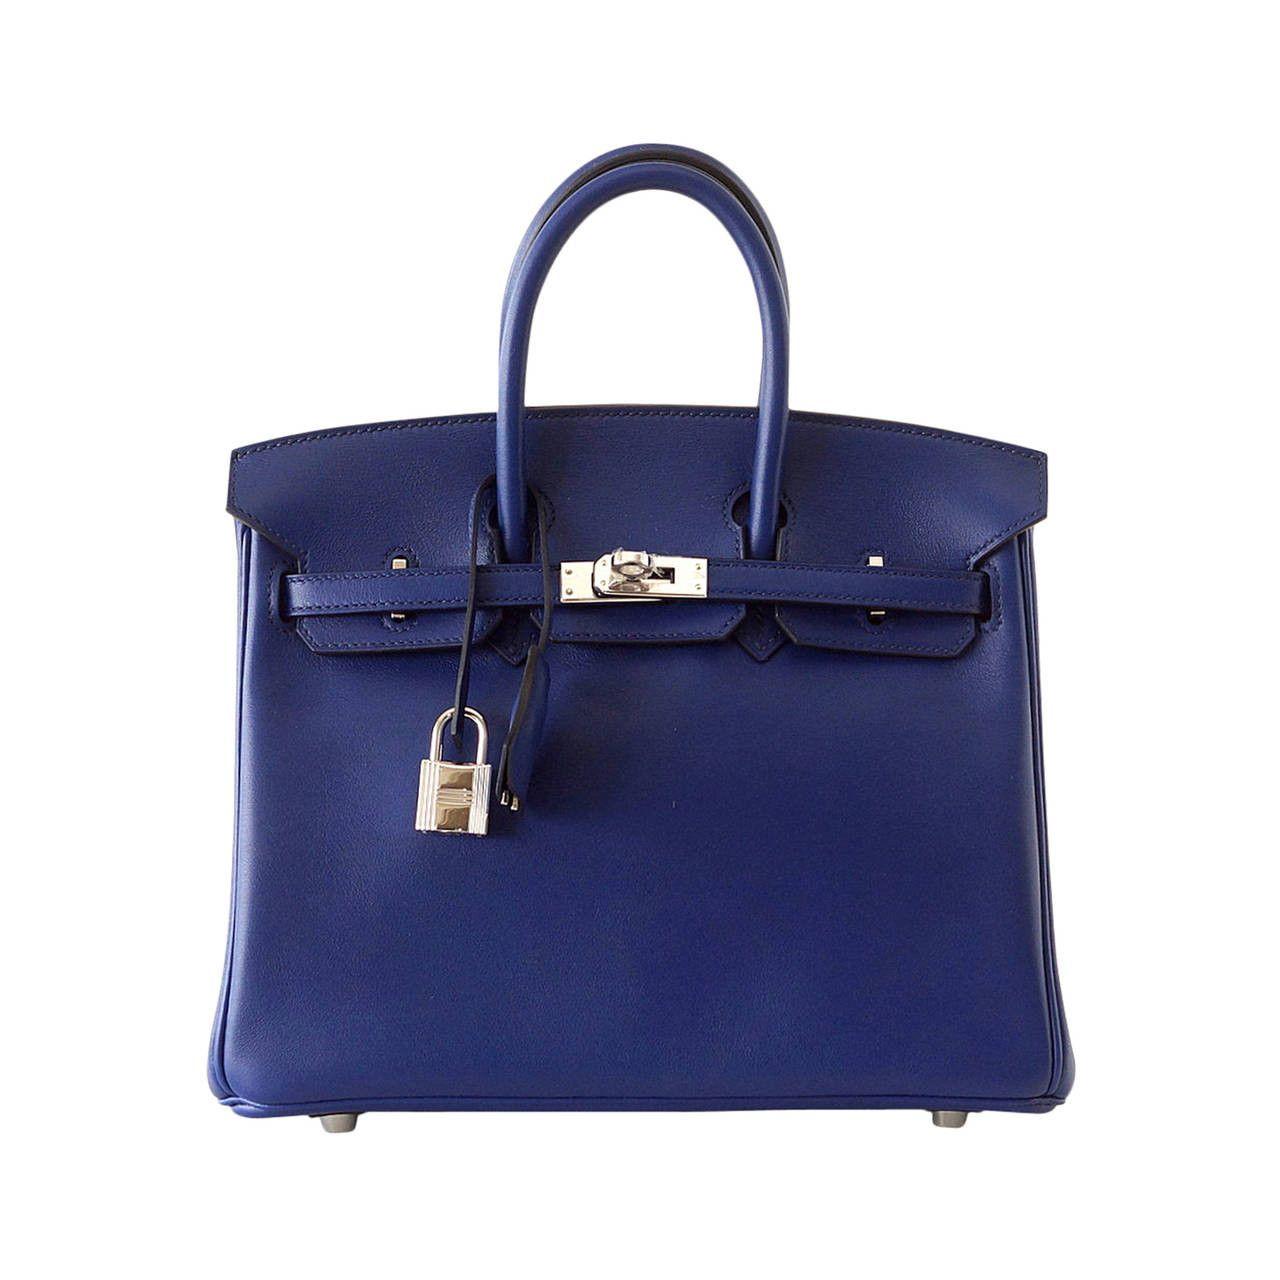 aa582837f578 Hermes Birkin 25 Bag exotic BLUE SAPPHIRE (Bleu Saphir) swift palladium